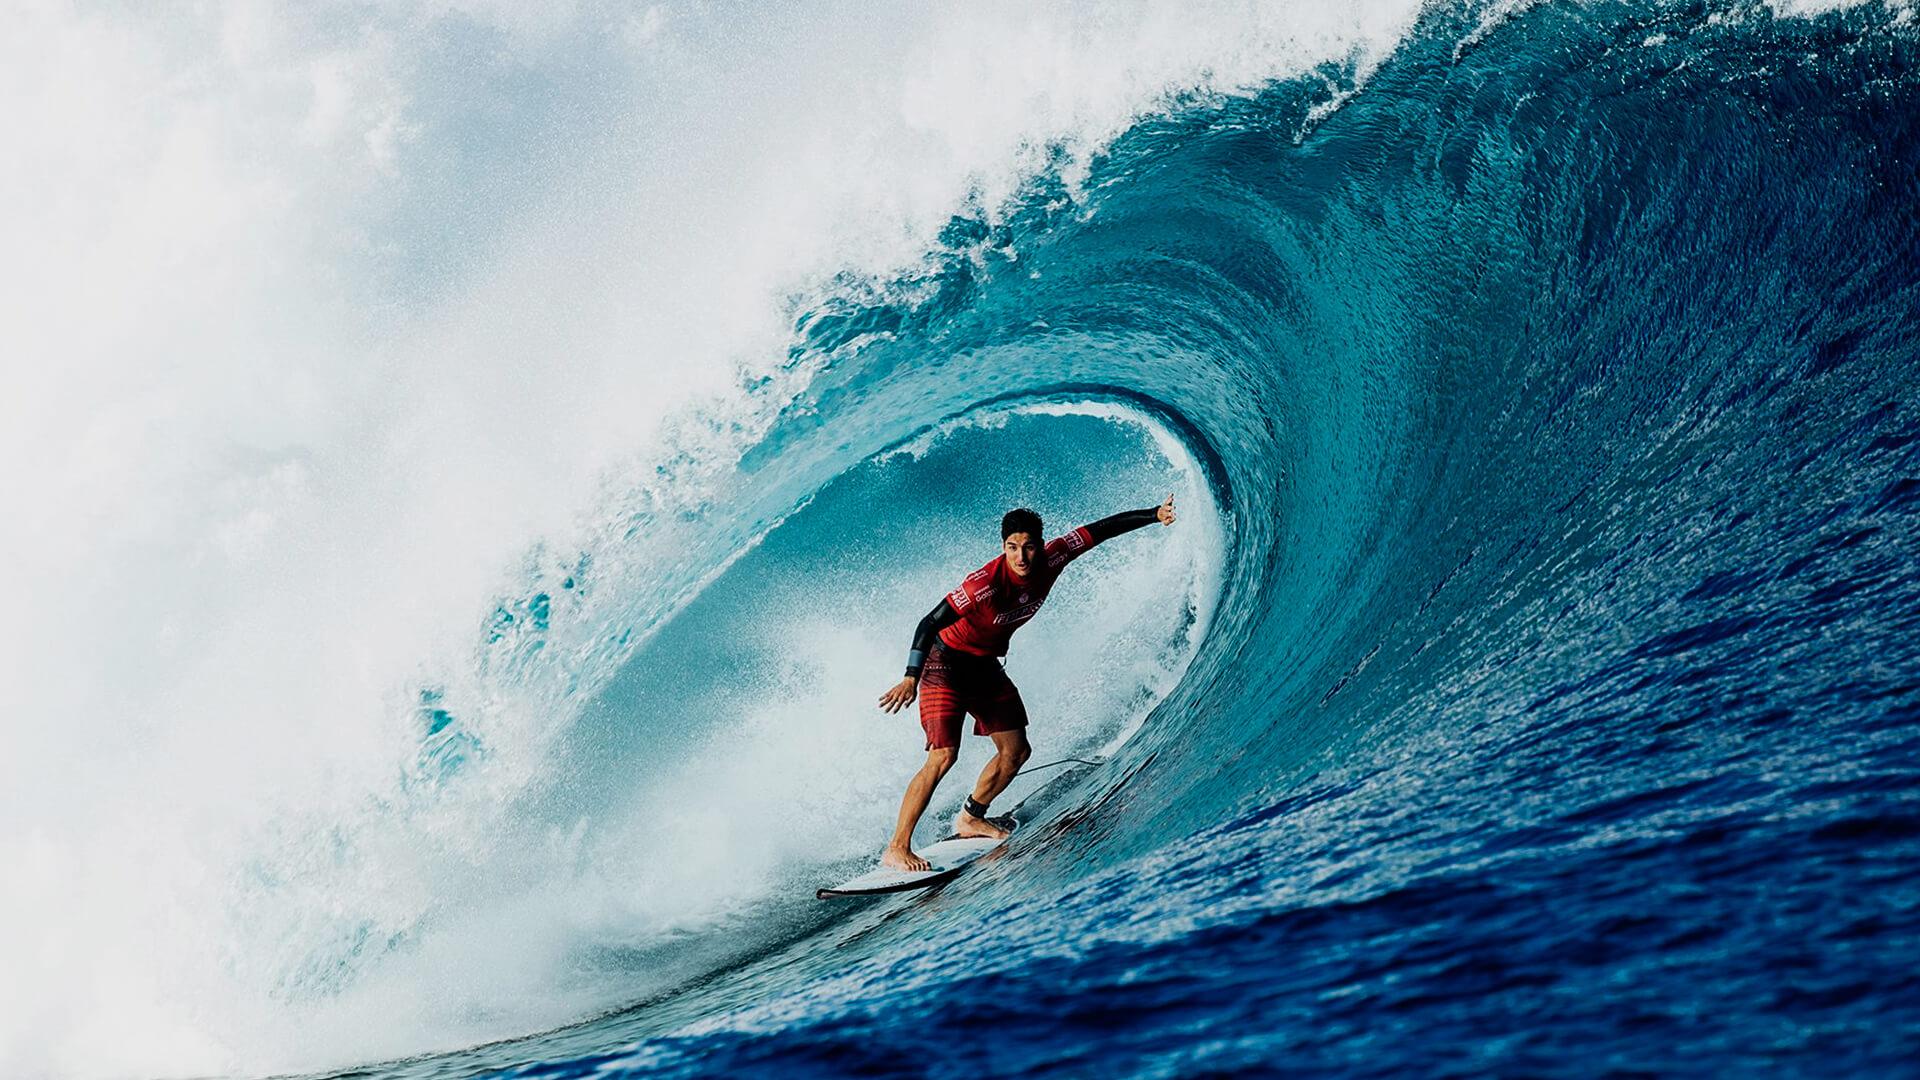 Surfista Medina, campeão brasileiro de surf, fazendo tubo em uma onda bem grande.